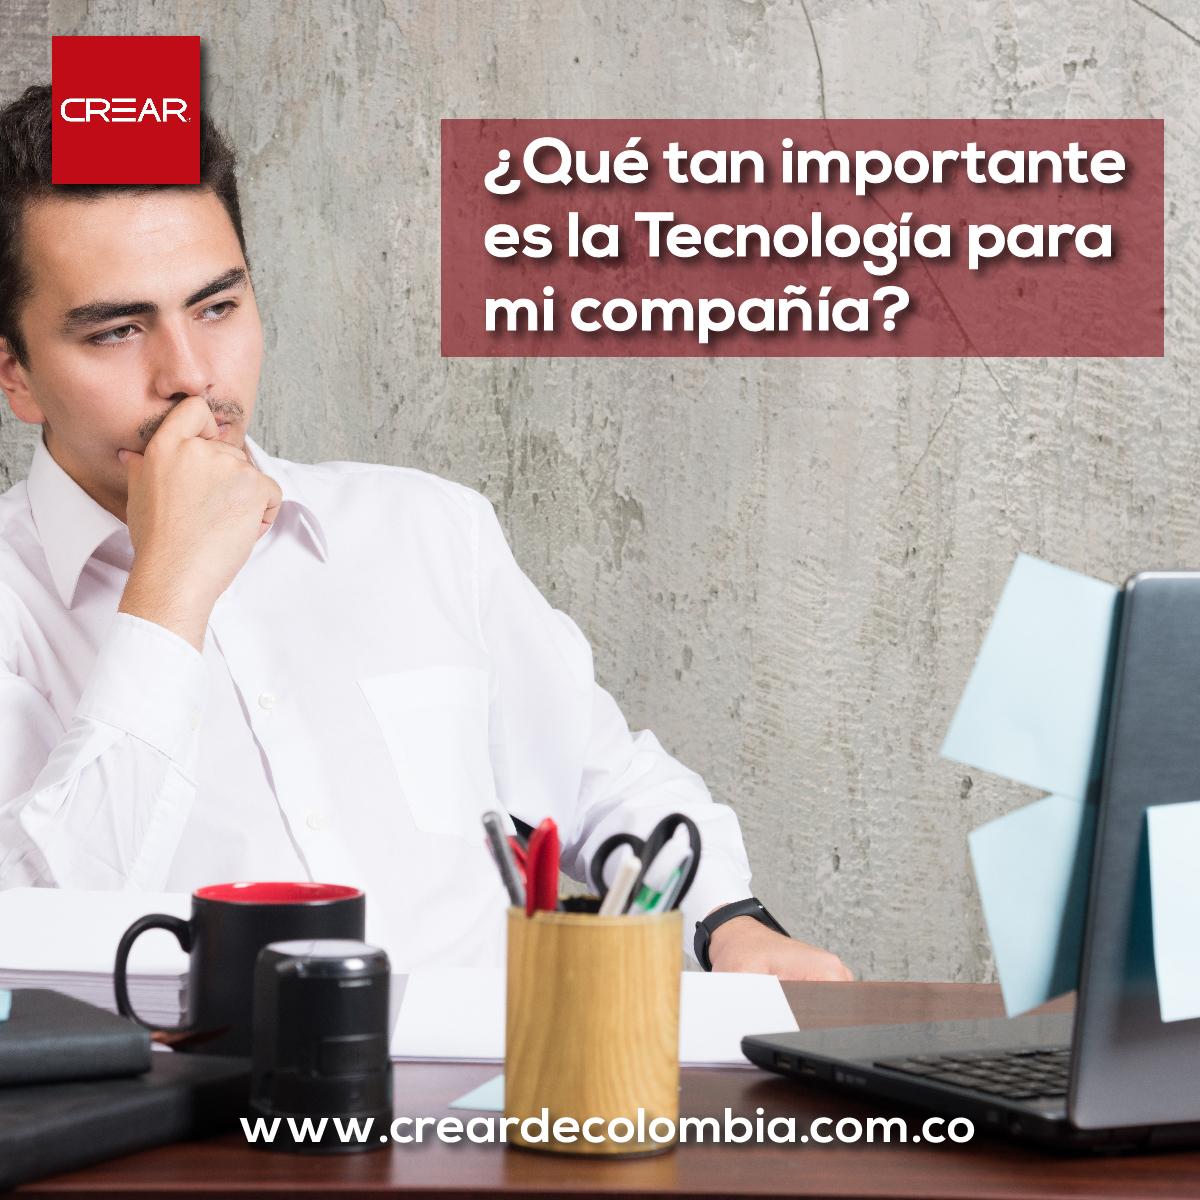 ¿Que Tan Importante Es La Tecnología Para Mi Compañía?